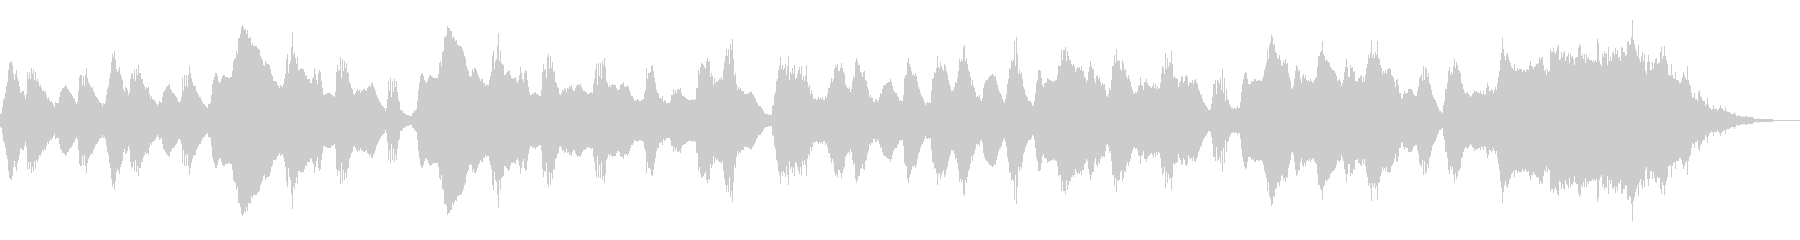 フルートが奏でる可愛いほのぼのジングルの未再生の波形